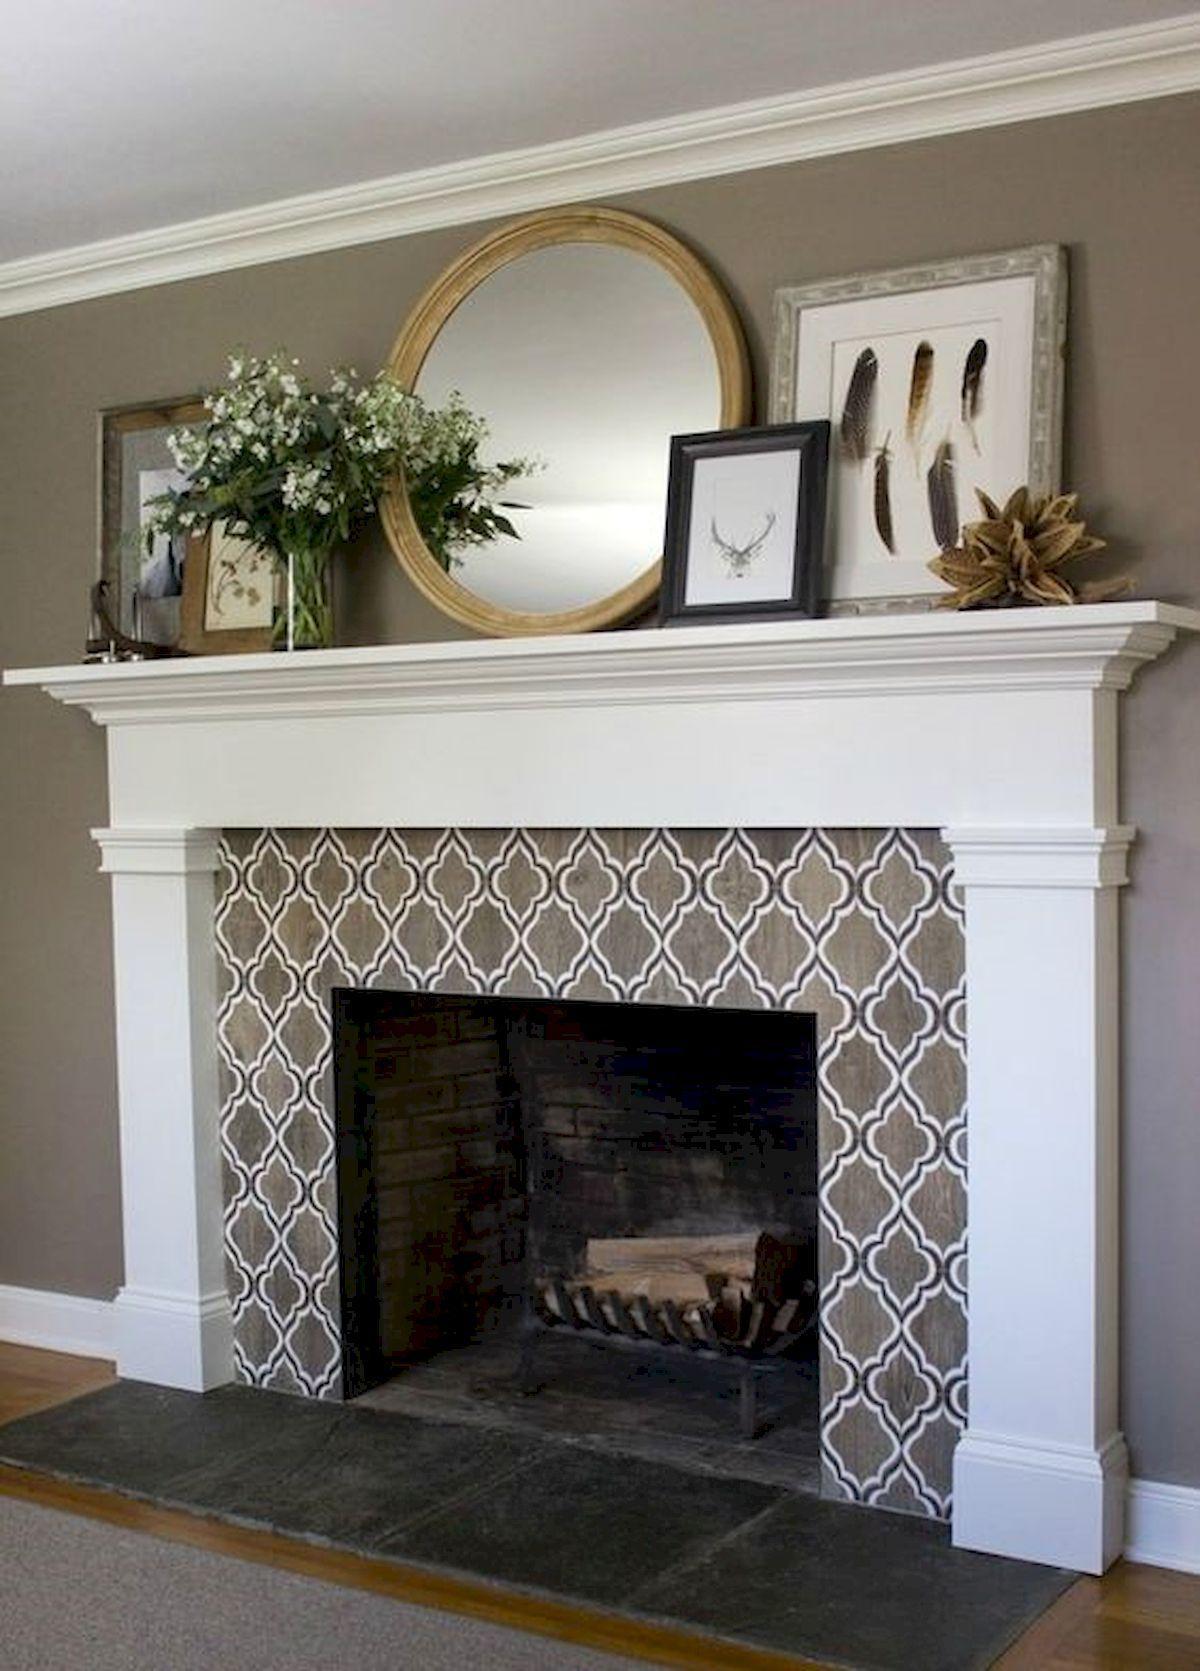 Cool 40 Best Modern Farmhouse Fireplace Mantel Decor Ideas Https